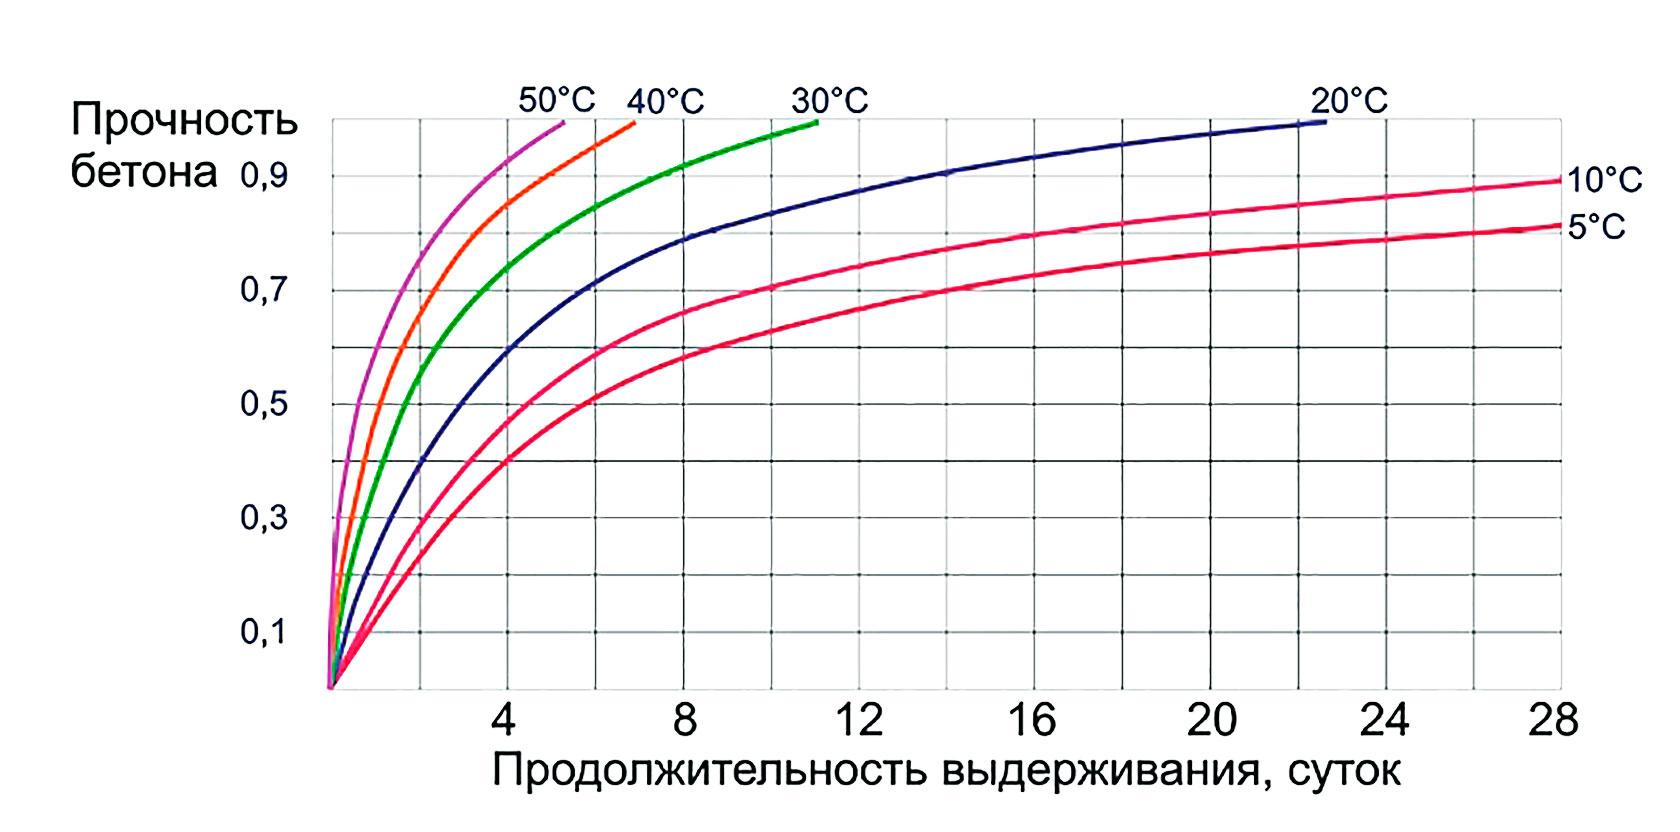 Набор прочности бетоном максимальная подвижность бетона